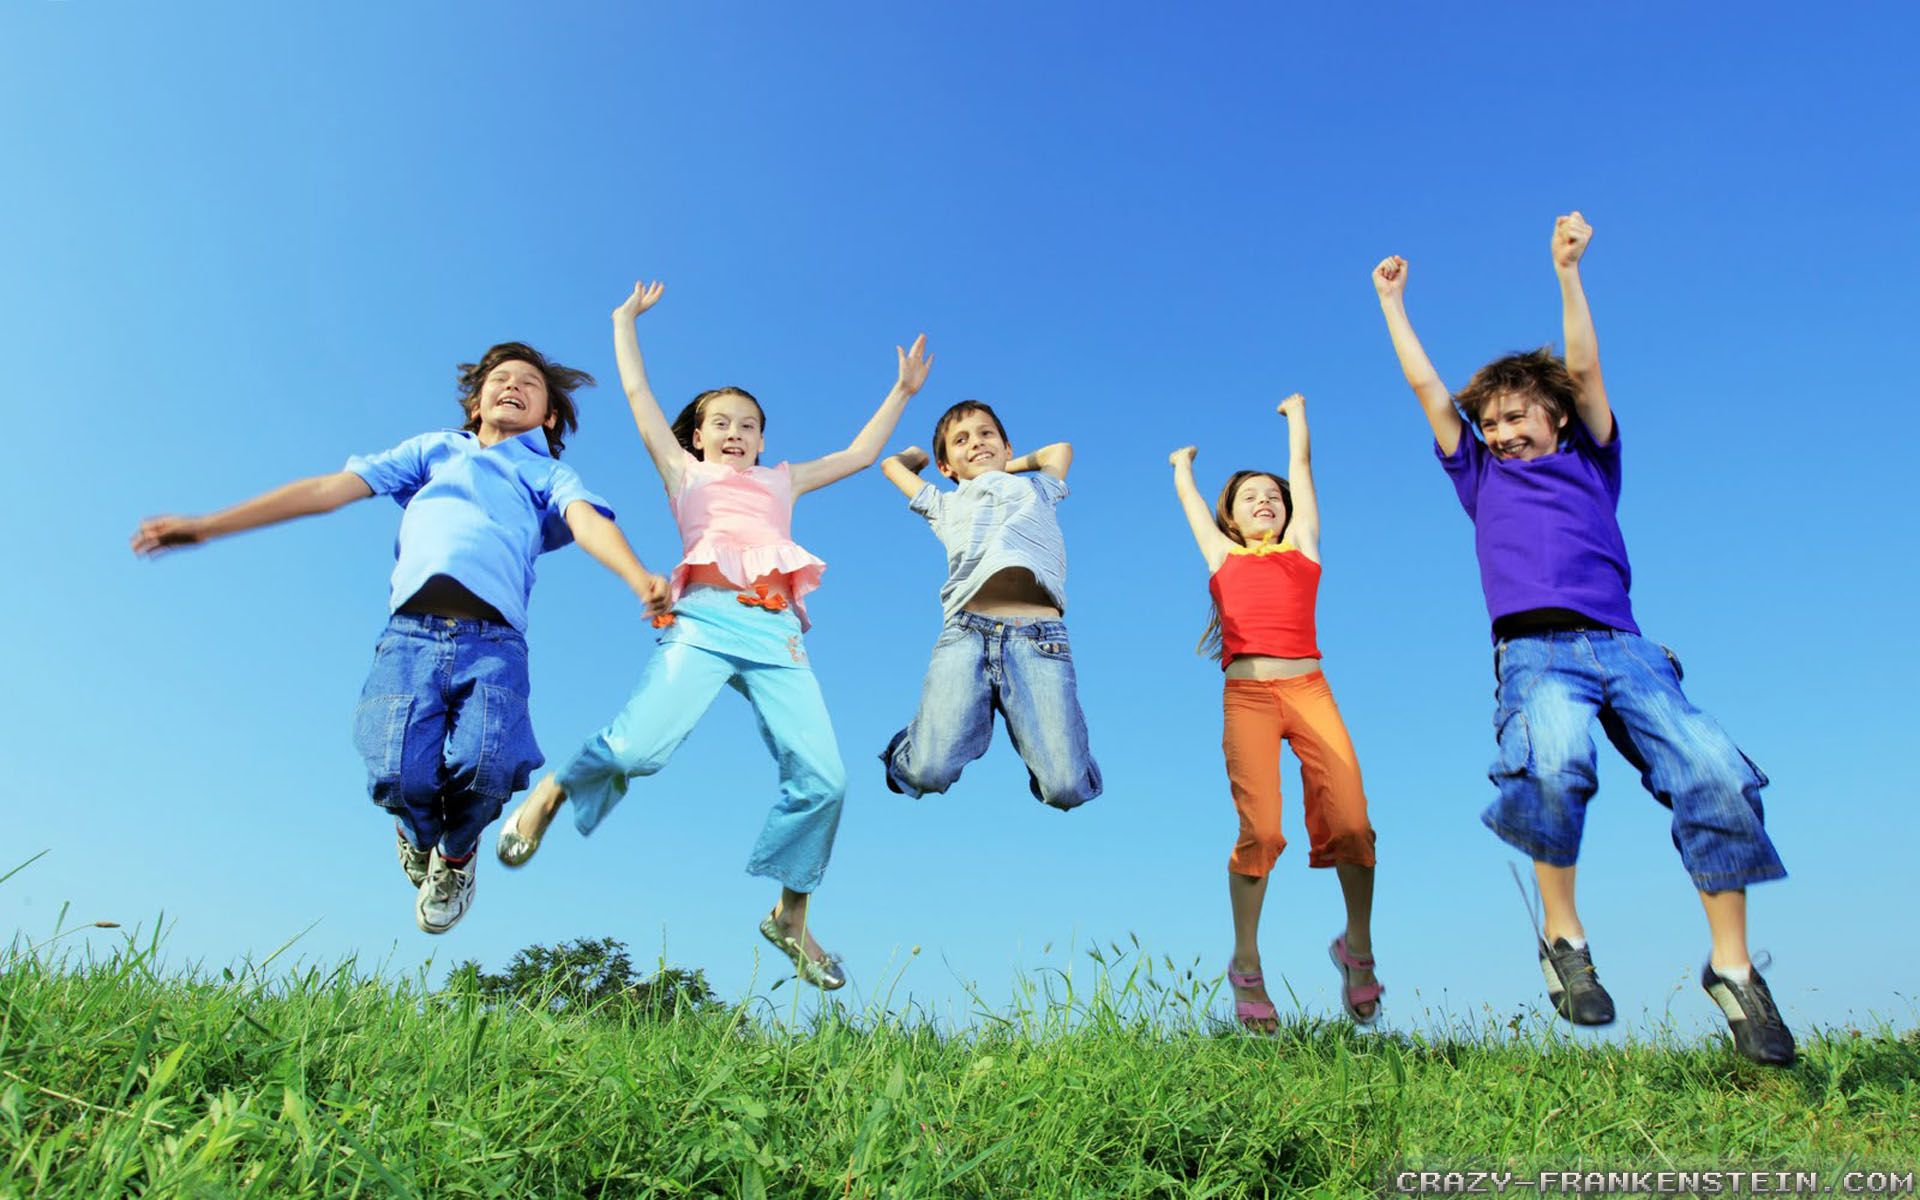 Cute Kids Wallpaper HD | Kinder schützen, Glückliche kinder